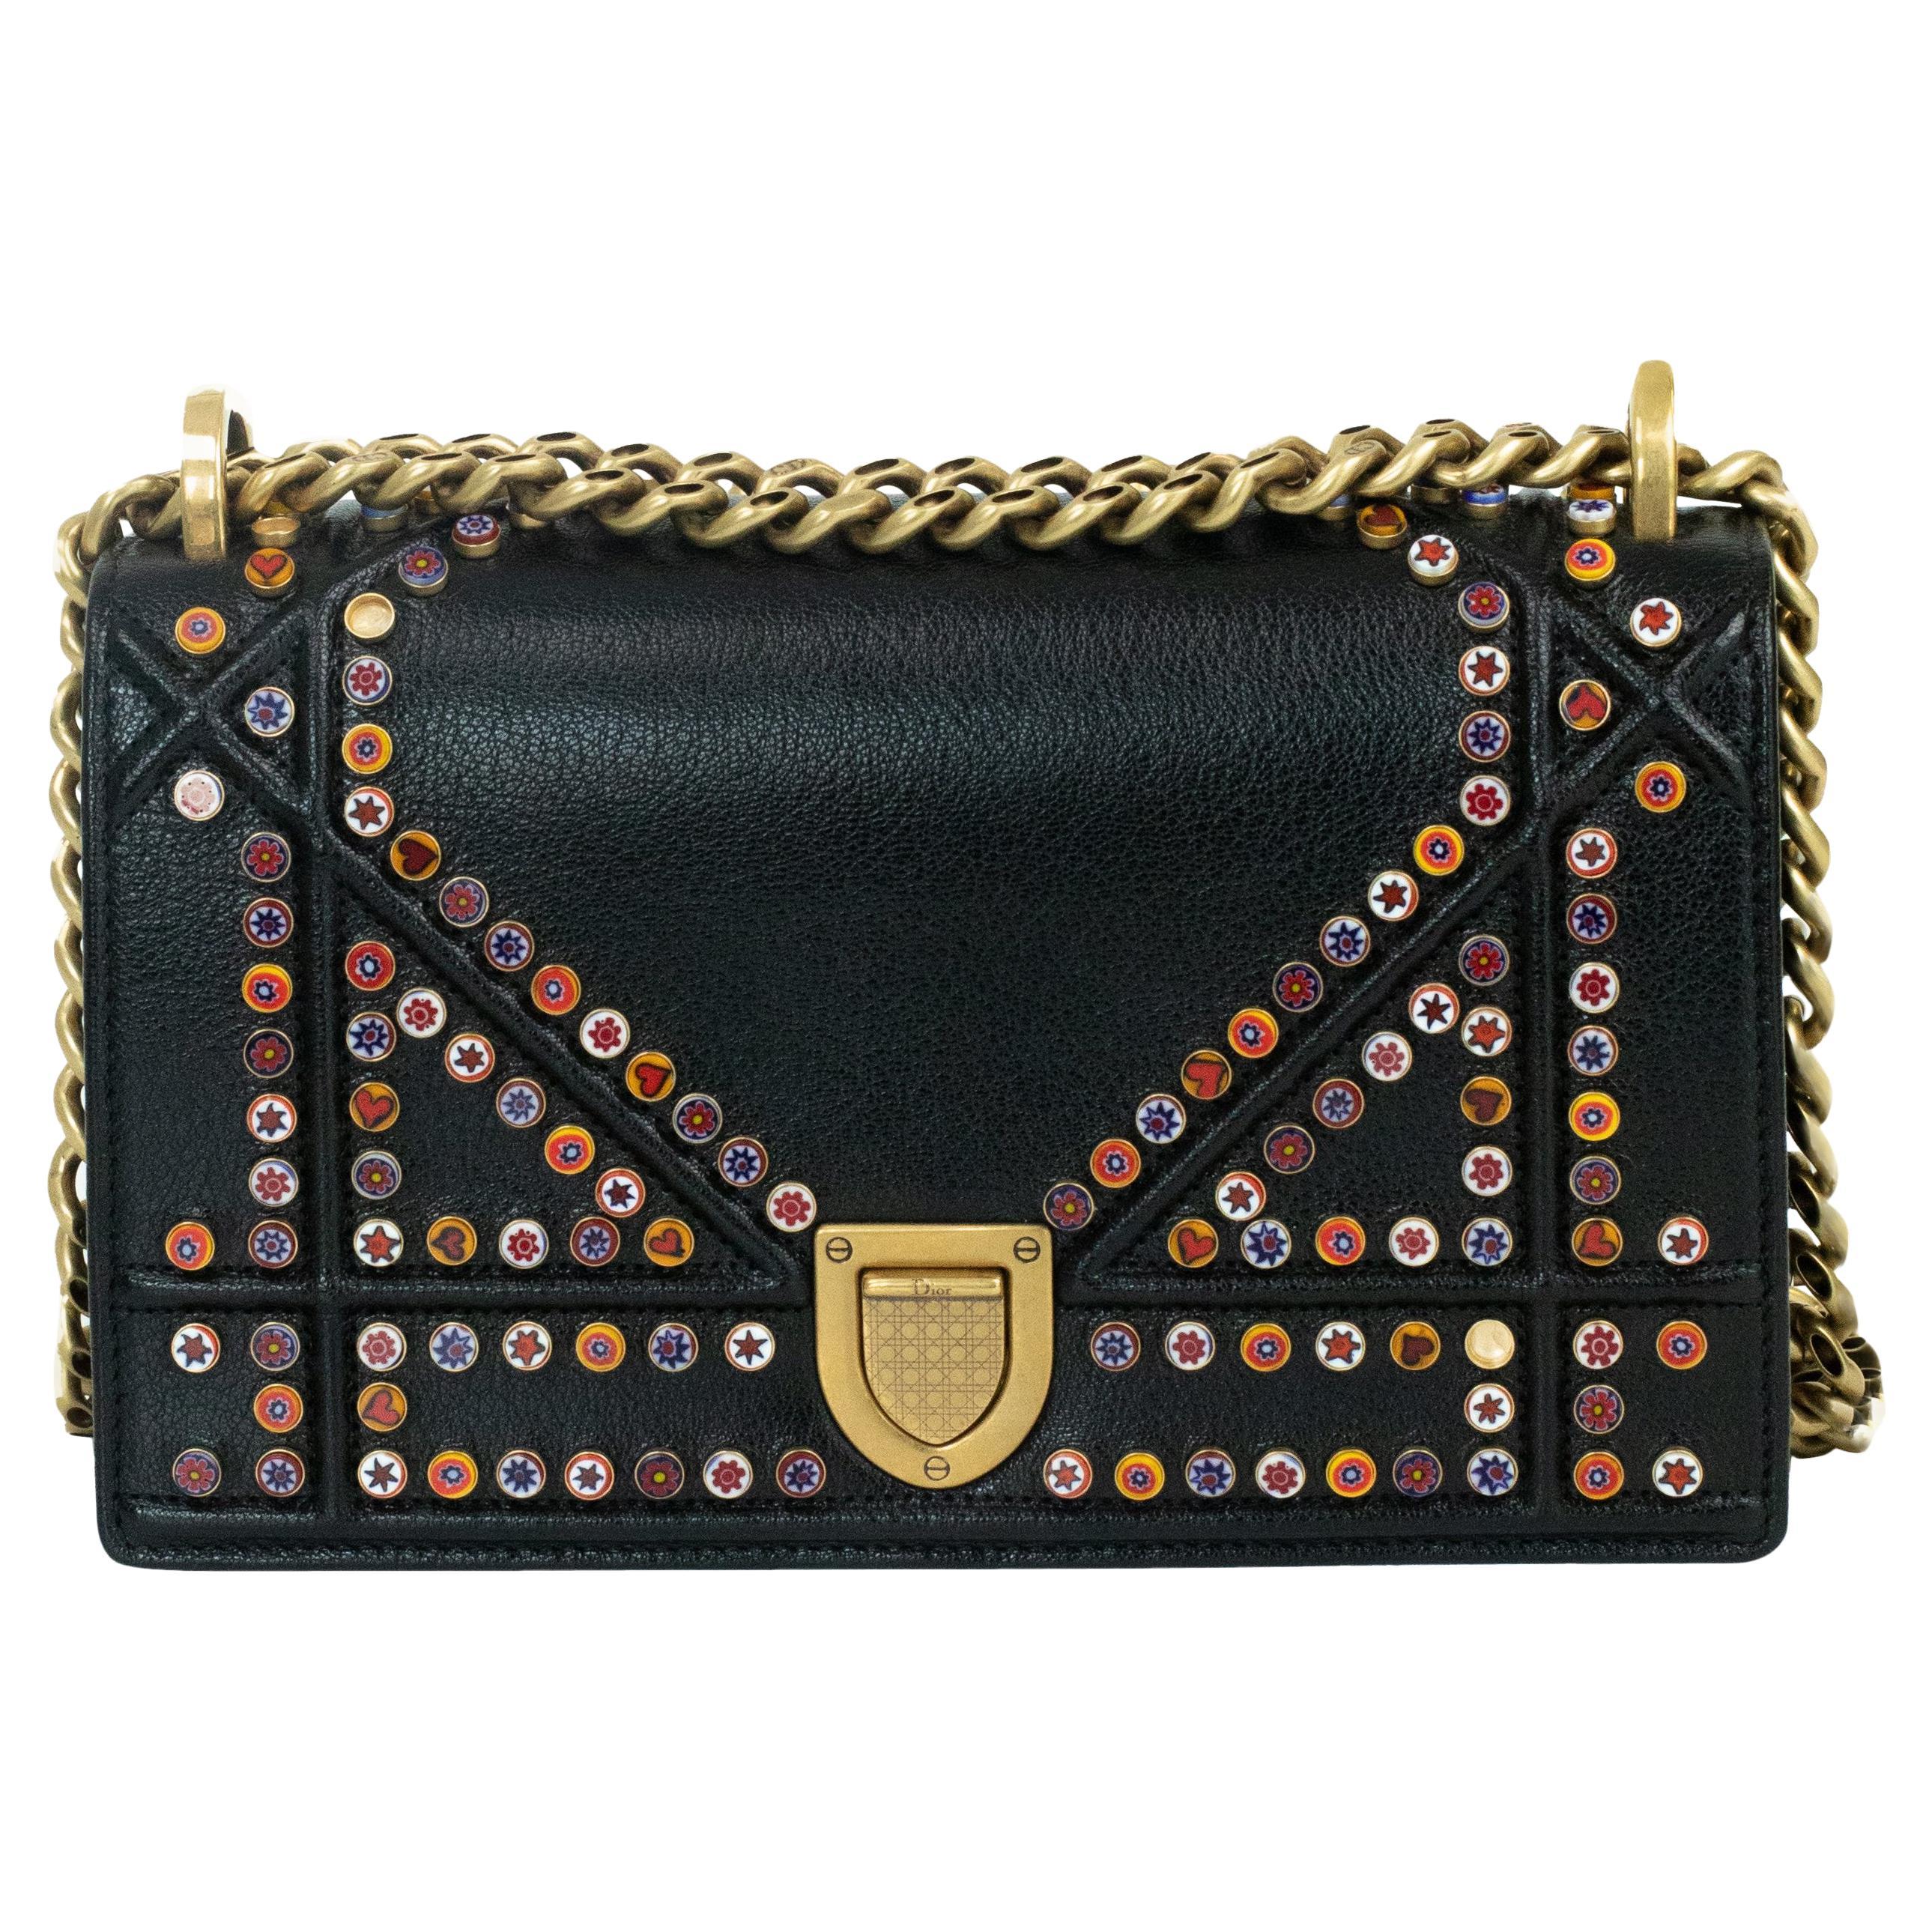 DIOR Diorama Shoulder bag in Black Leather